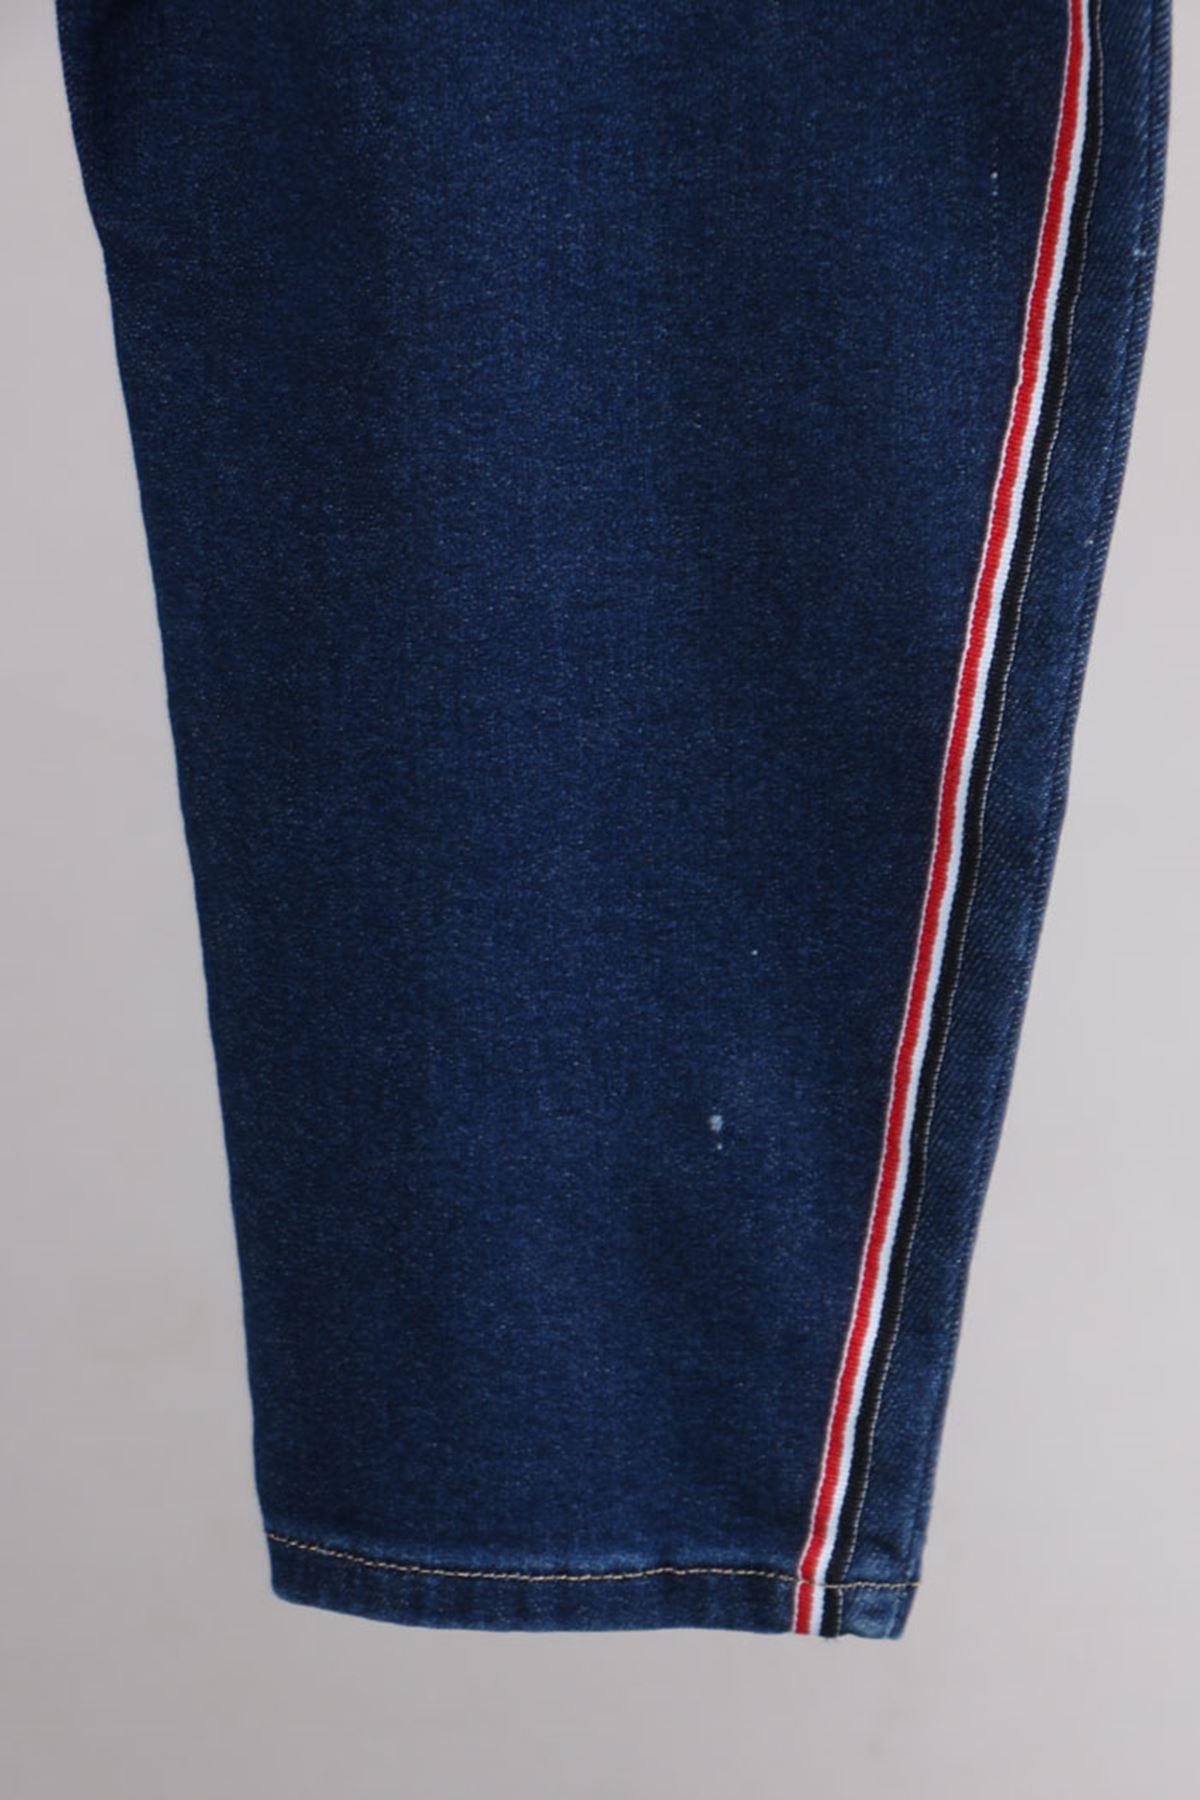 D-9116-3 Büyük Beden Defolu Taşlanmış Şeritli Dar Paça Kot Pantalon-Lacivert